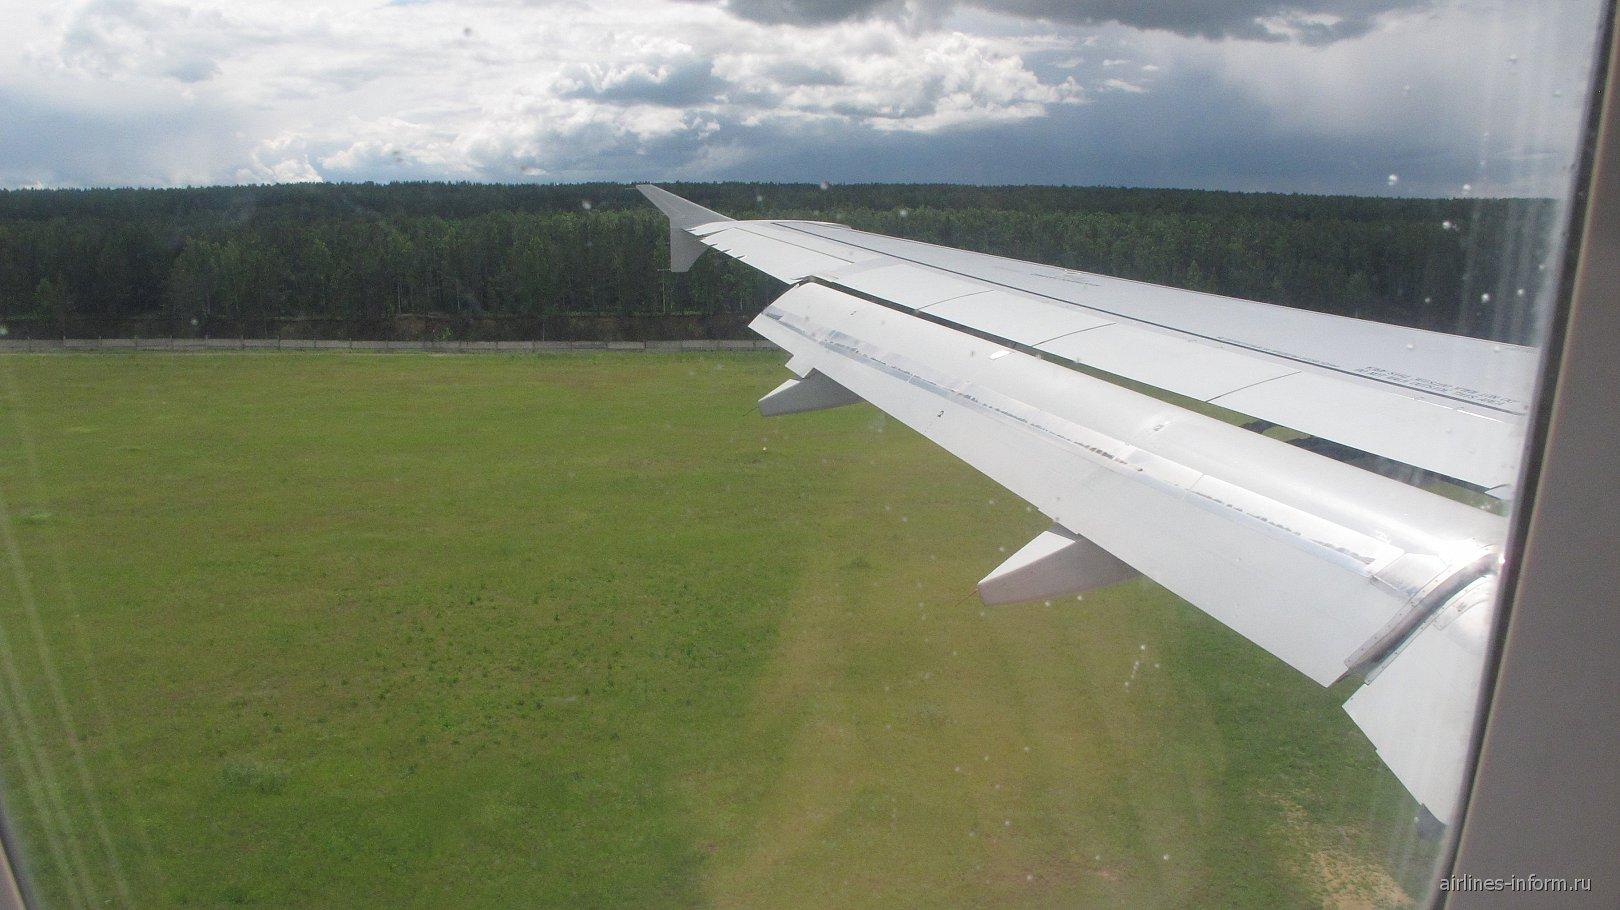 Посадка в аэропорту Емельяново